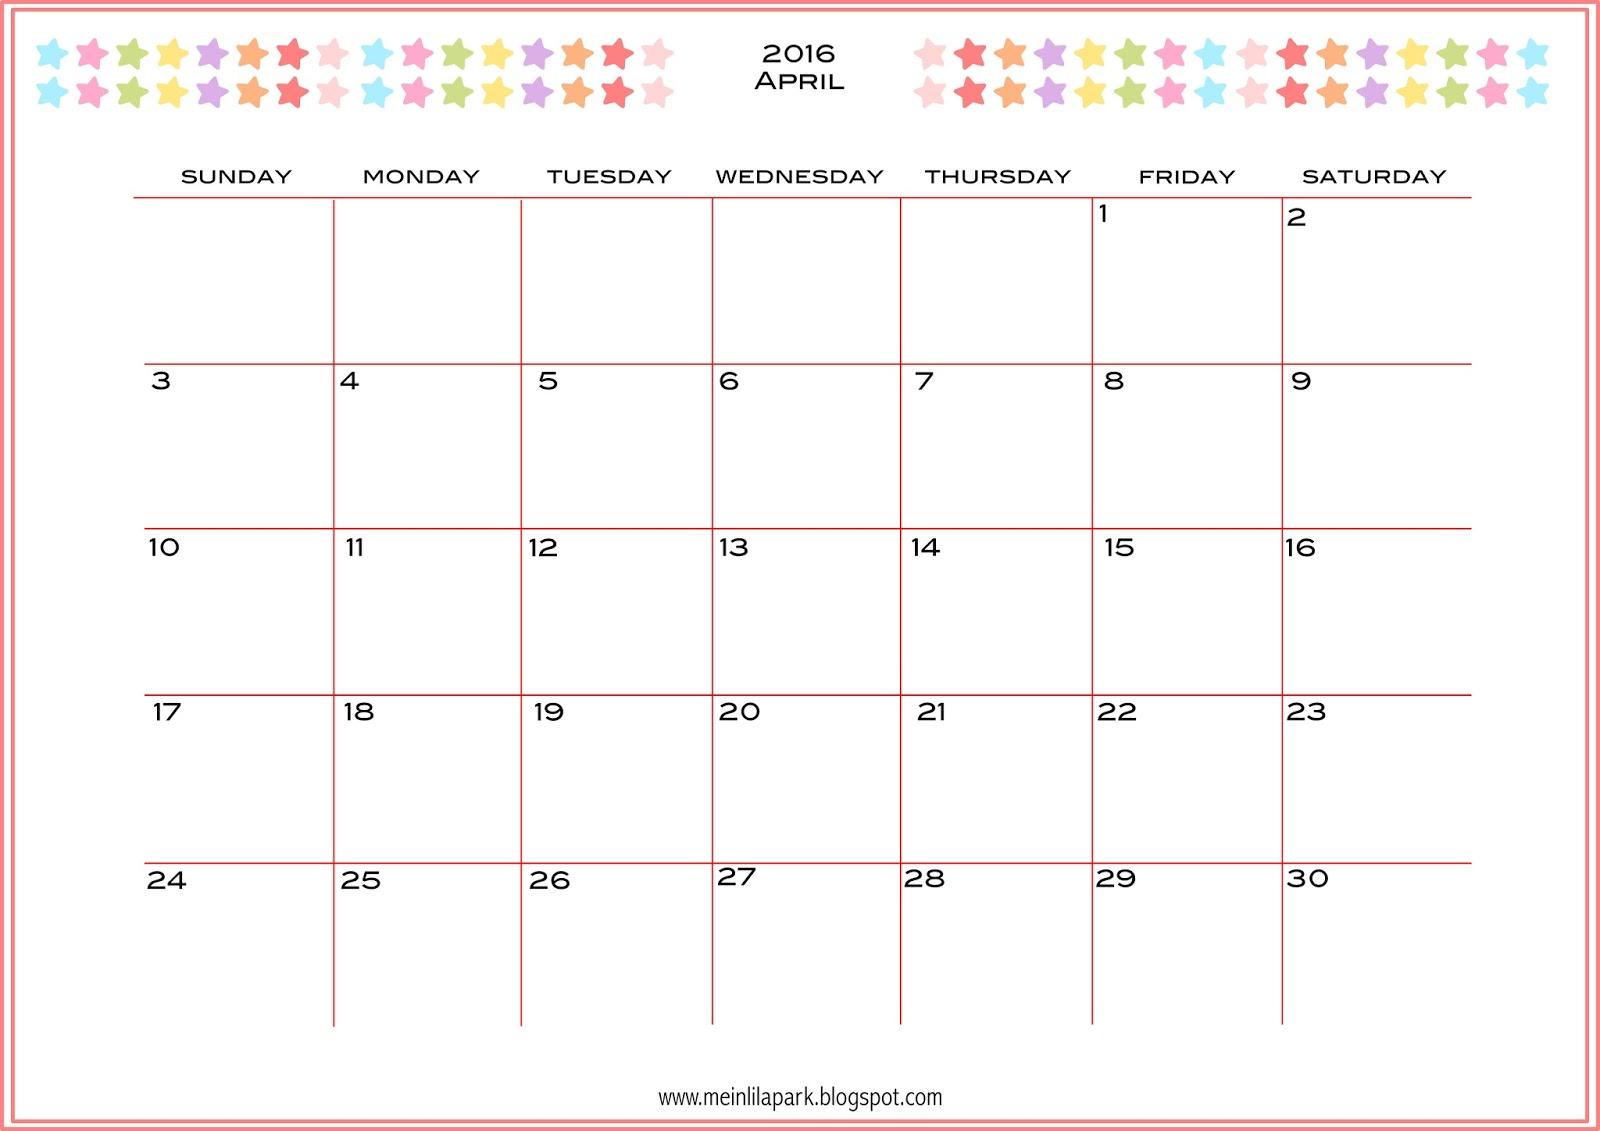 January 2019 Calendar - 2019 Calendar Printable with ...